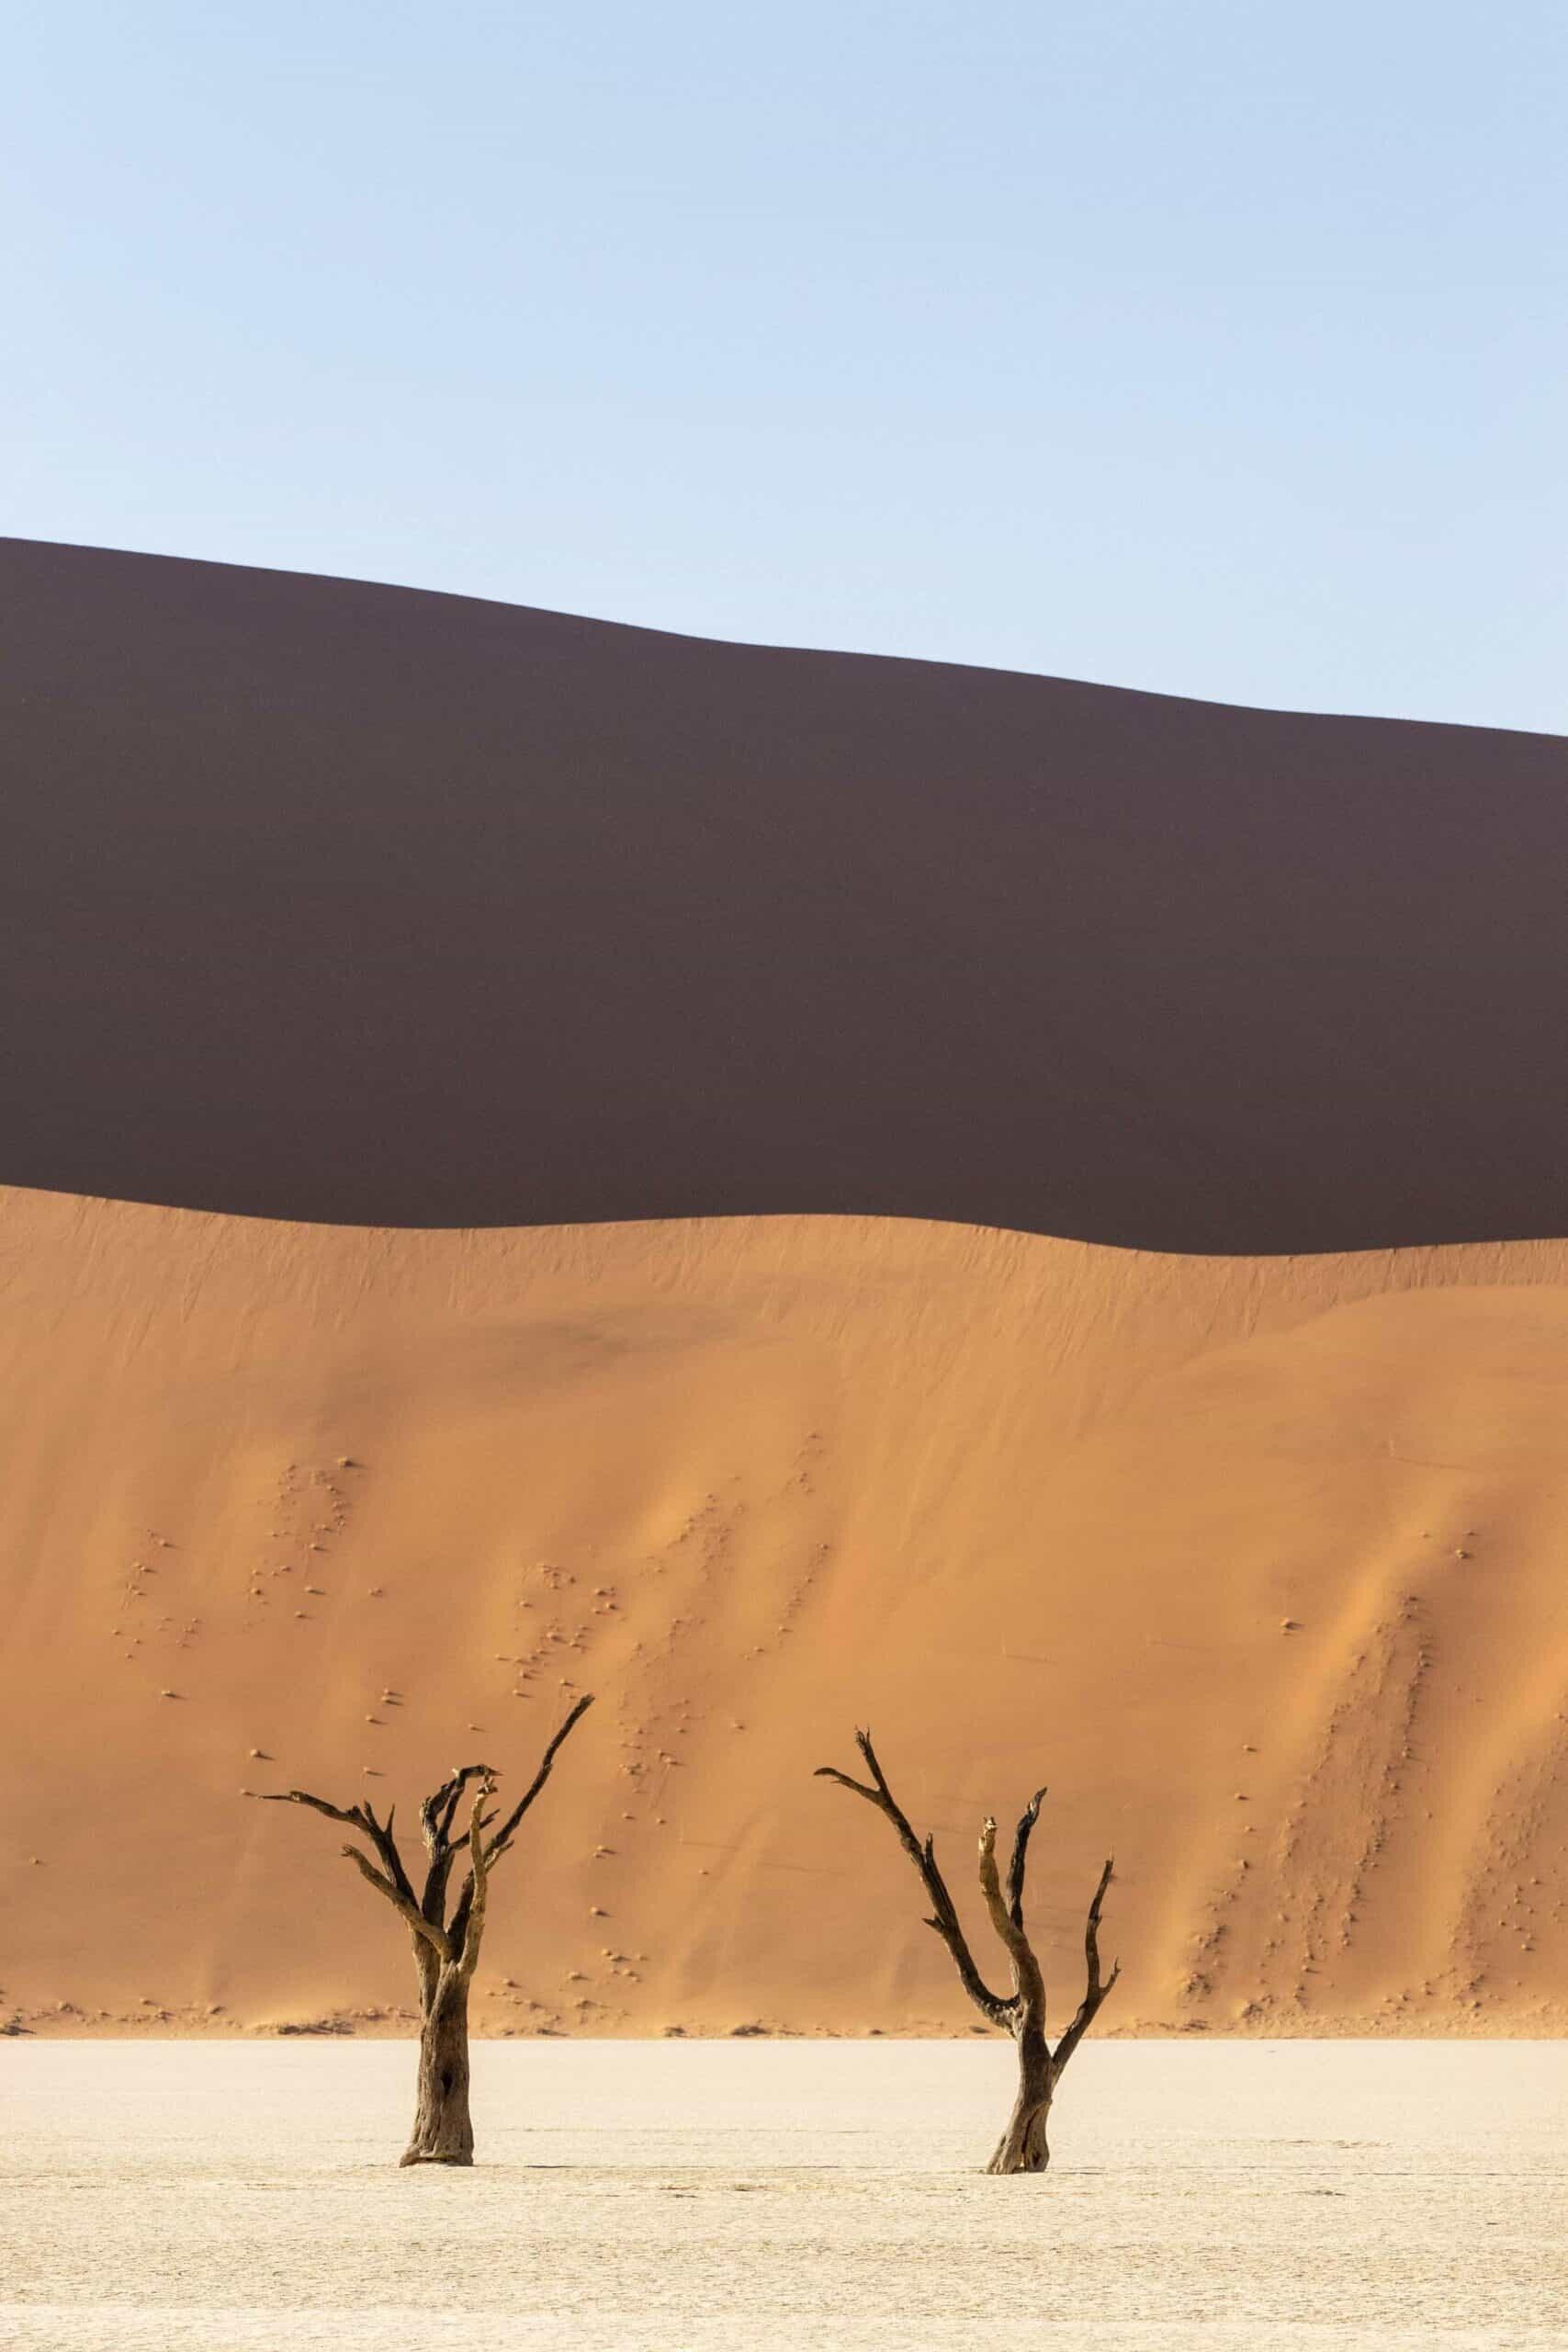 Minimalist Landscape Photography - Namibia